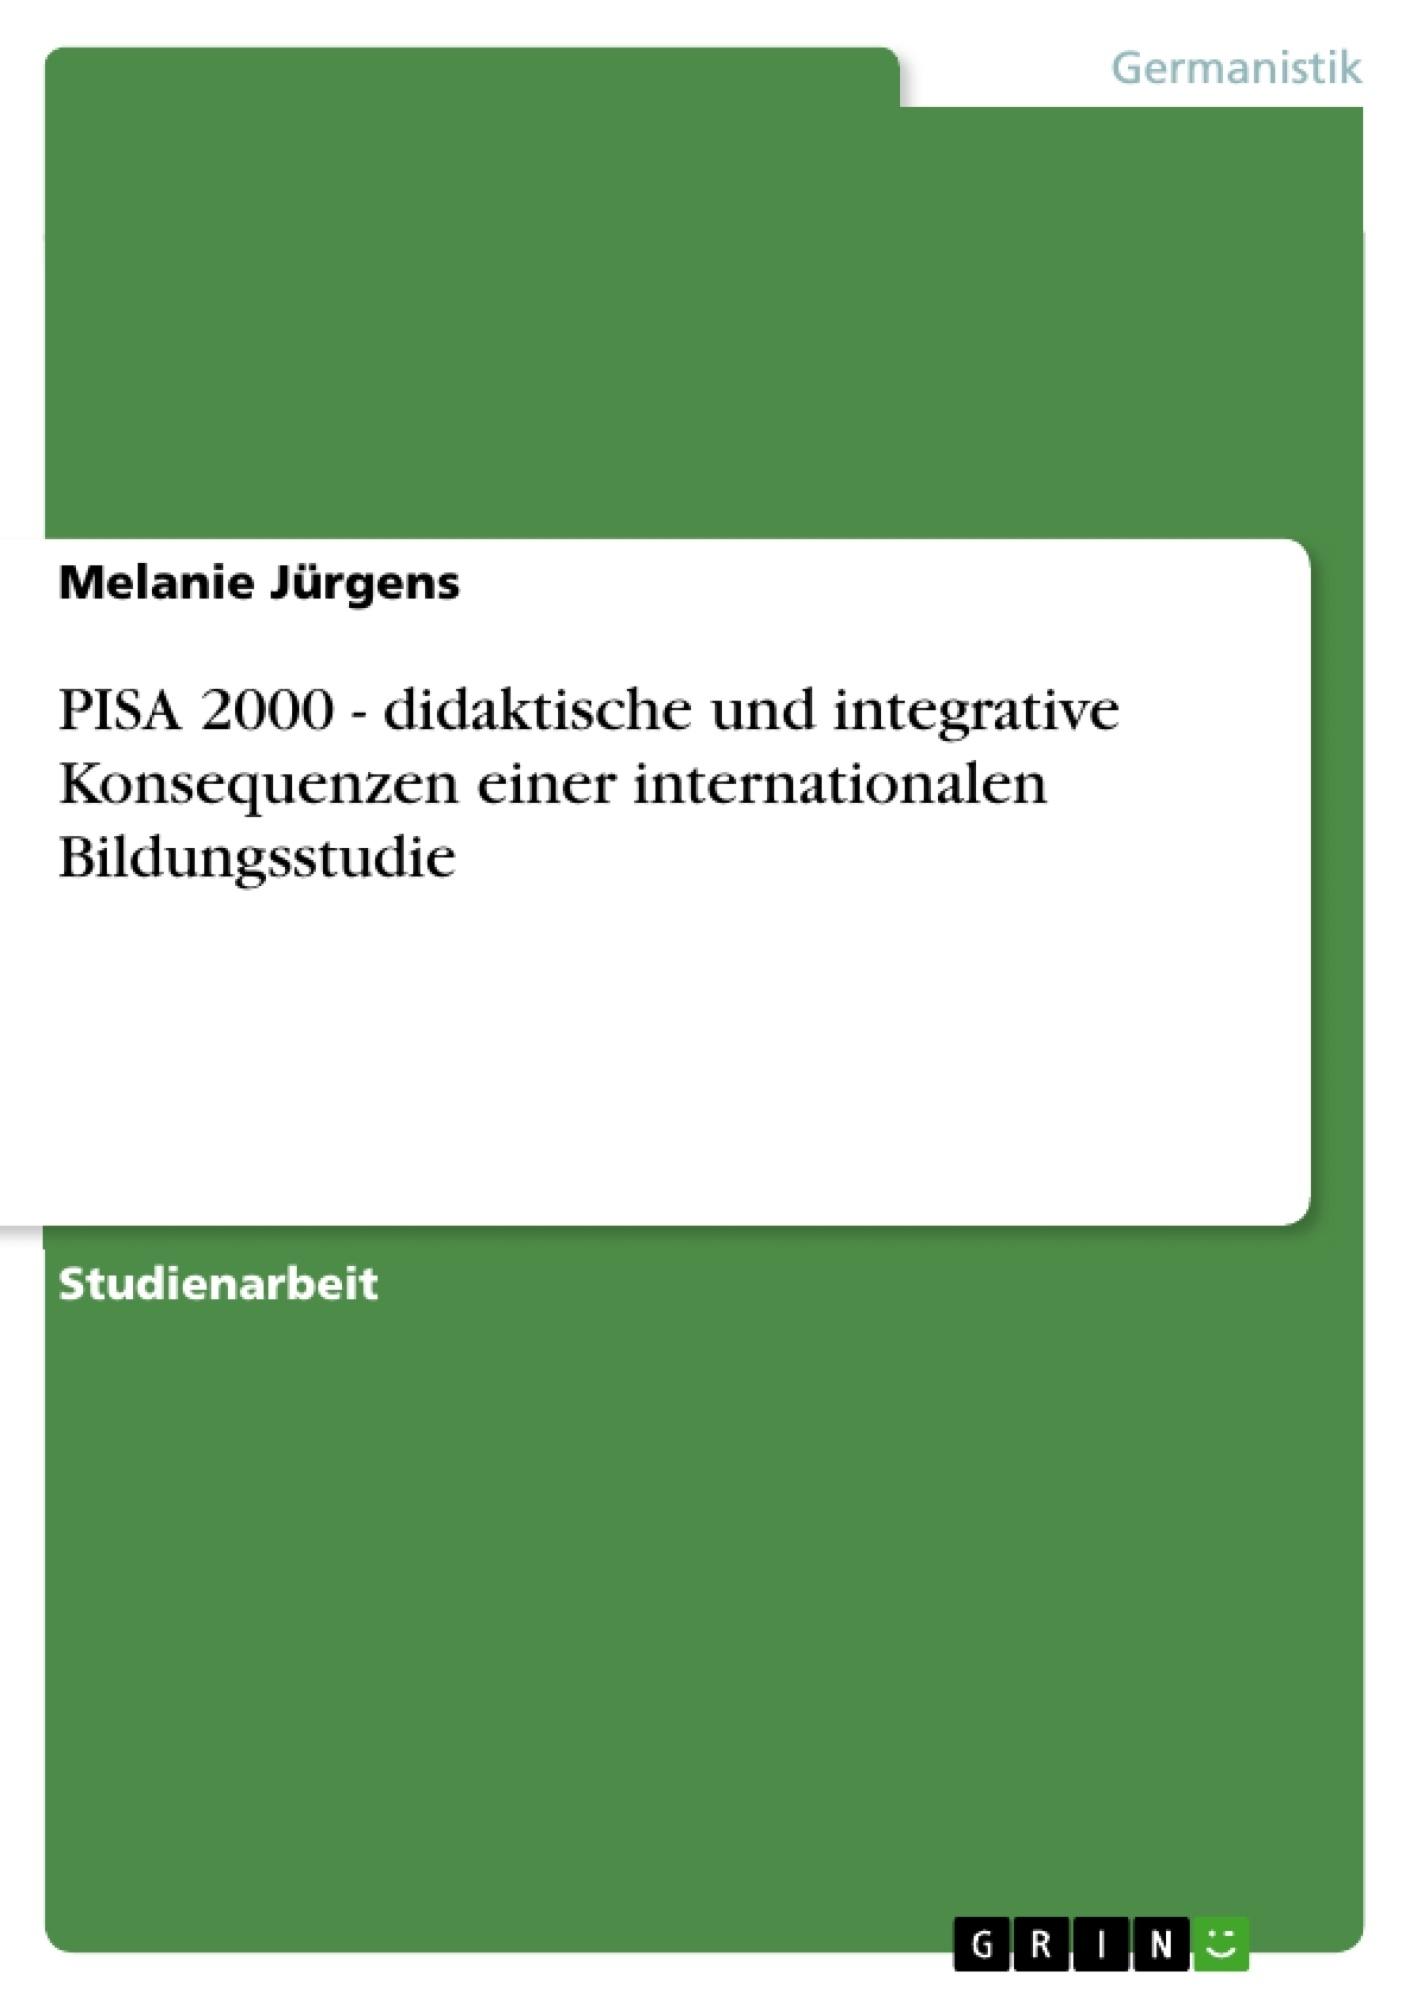 Titel: PISA 2000 - didaktische und integrative Konsequenzen einer internationalen Bildungsstudie